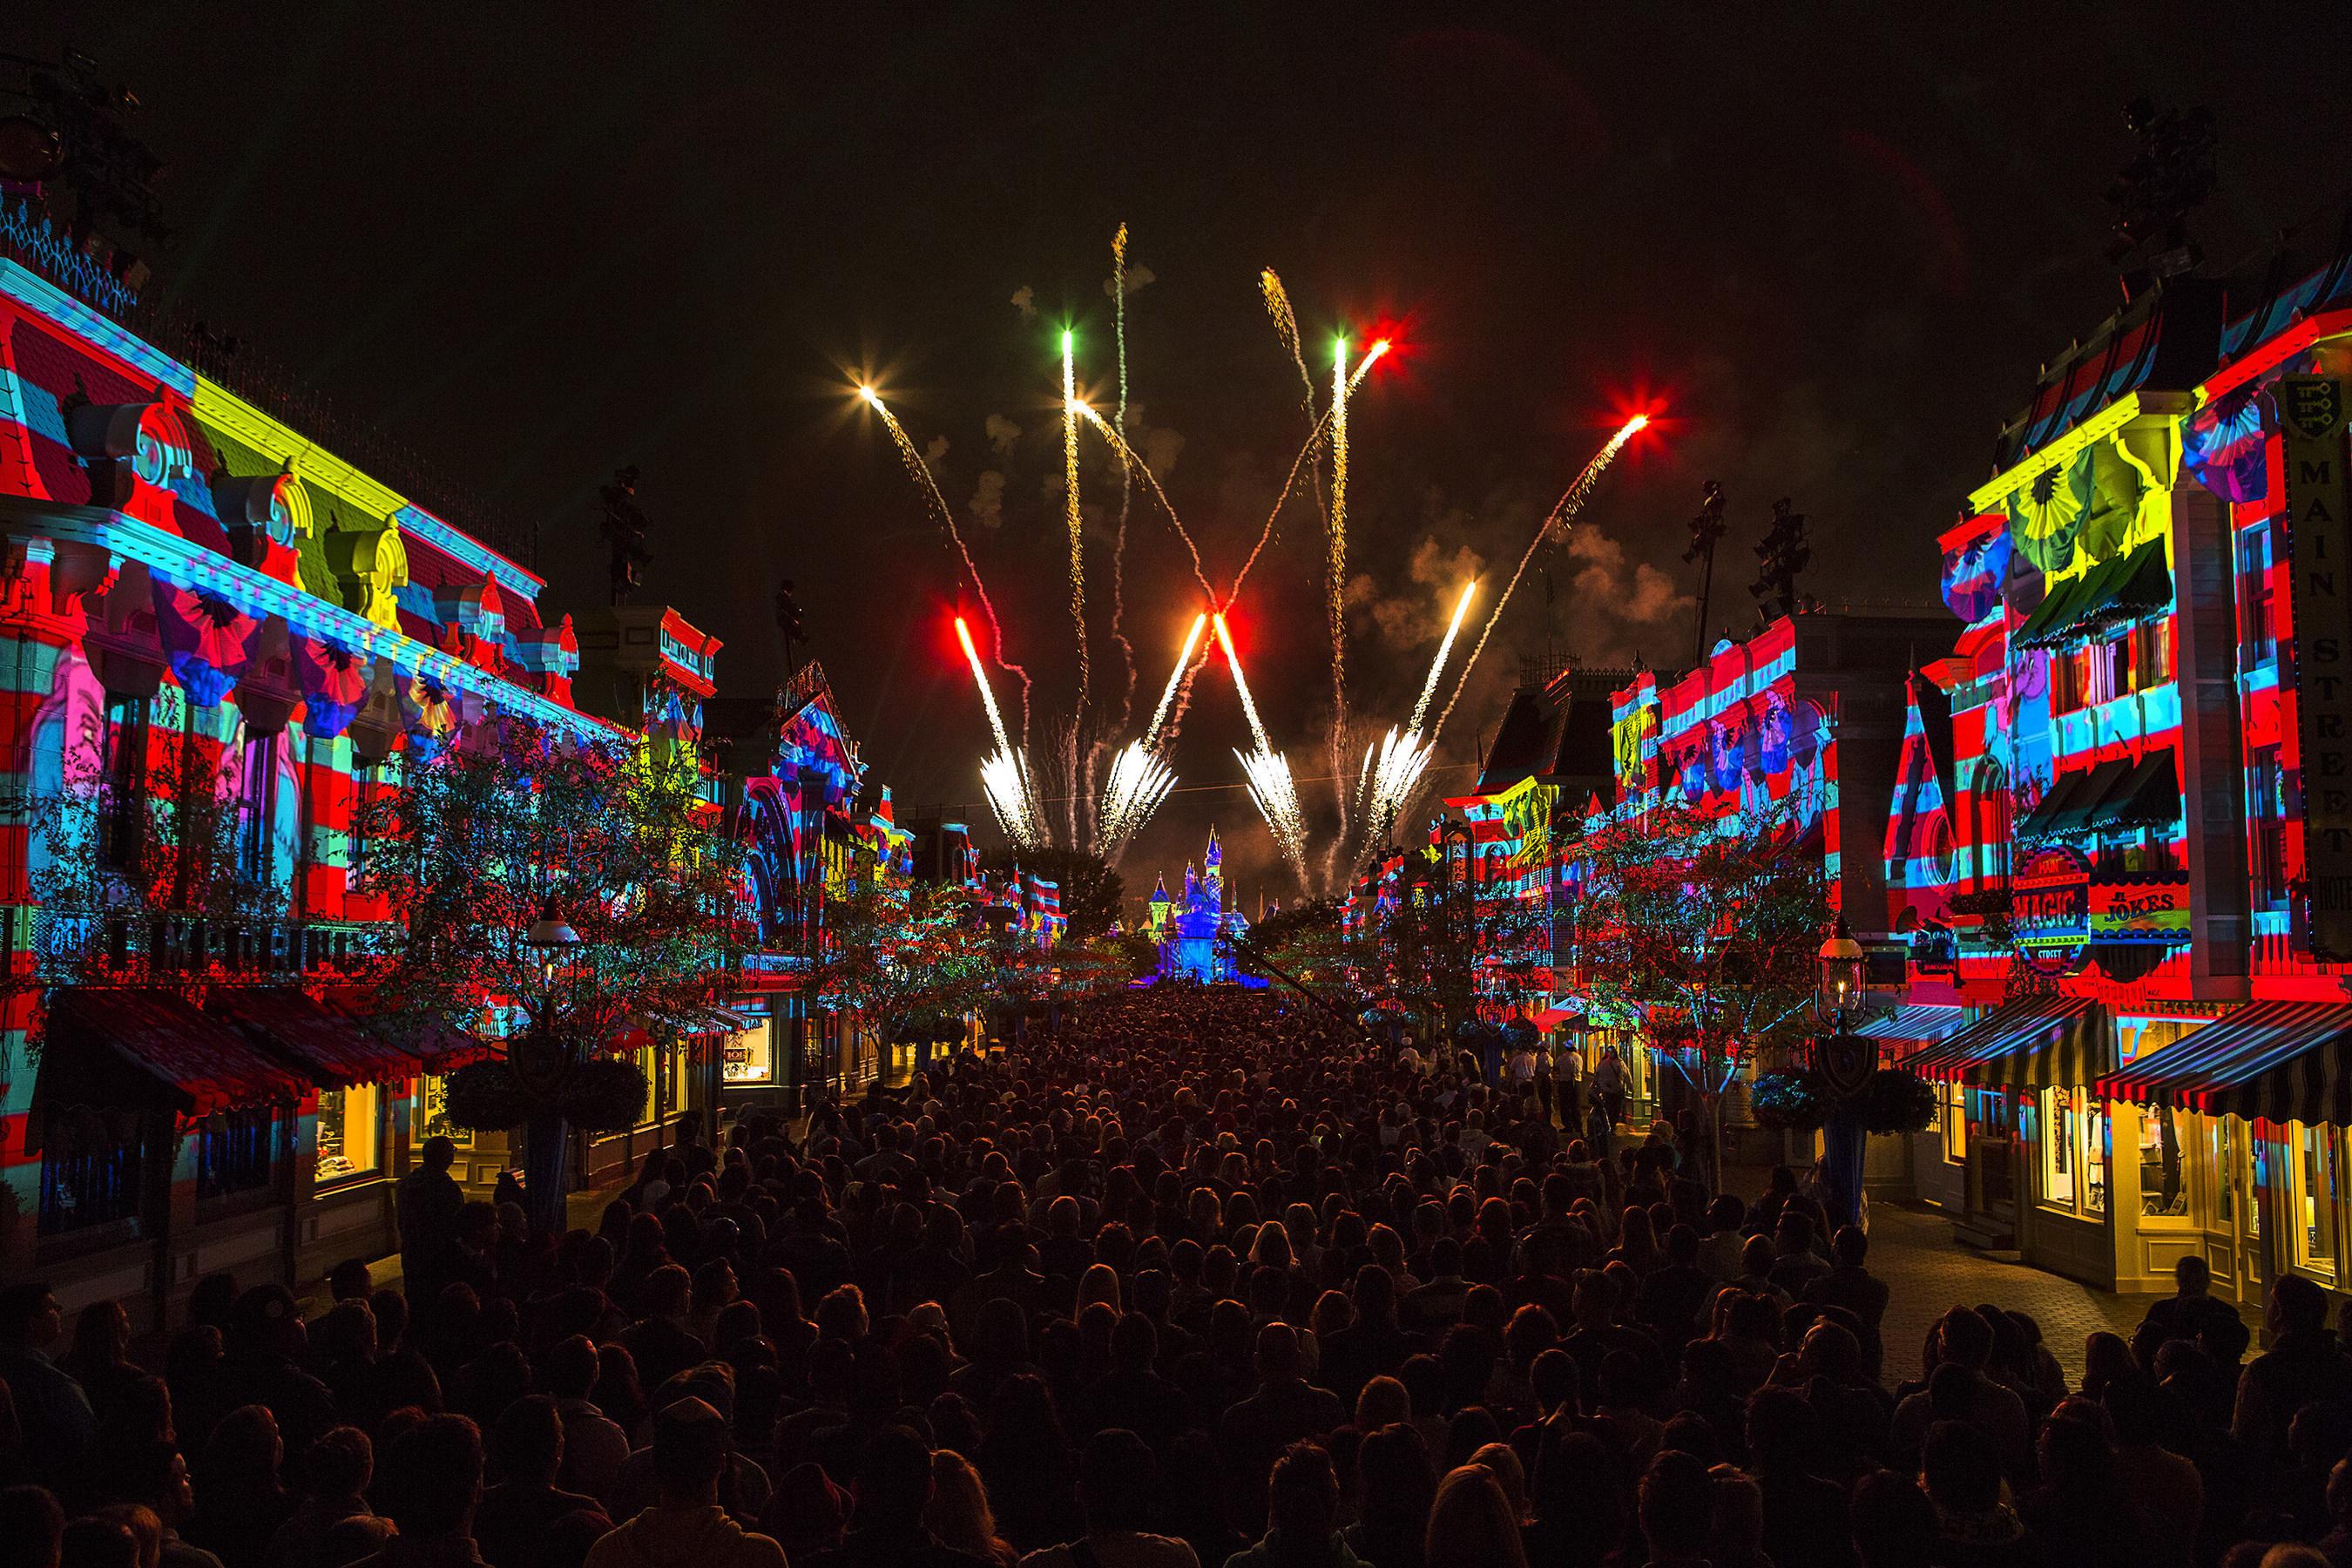 Inicia el Aniversario de Diamante del Disneyland Resort para celebrar 60 años de magia con tres